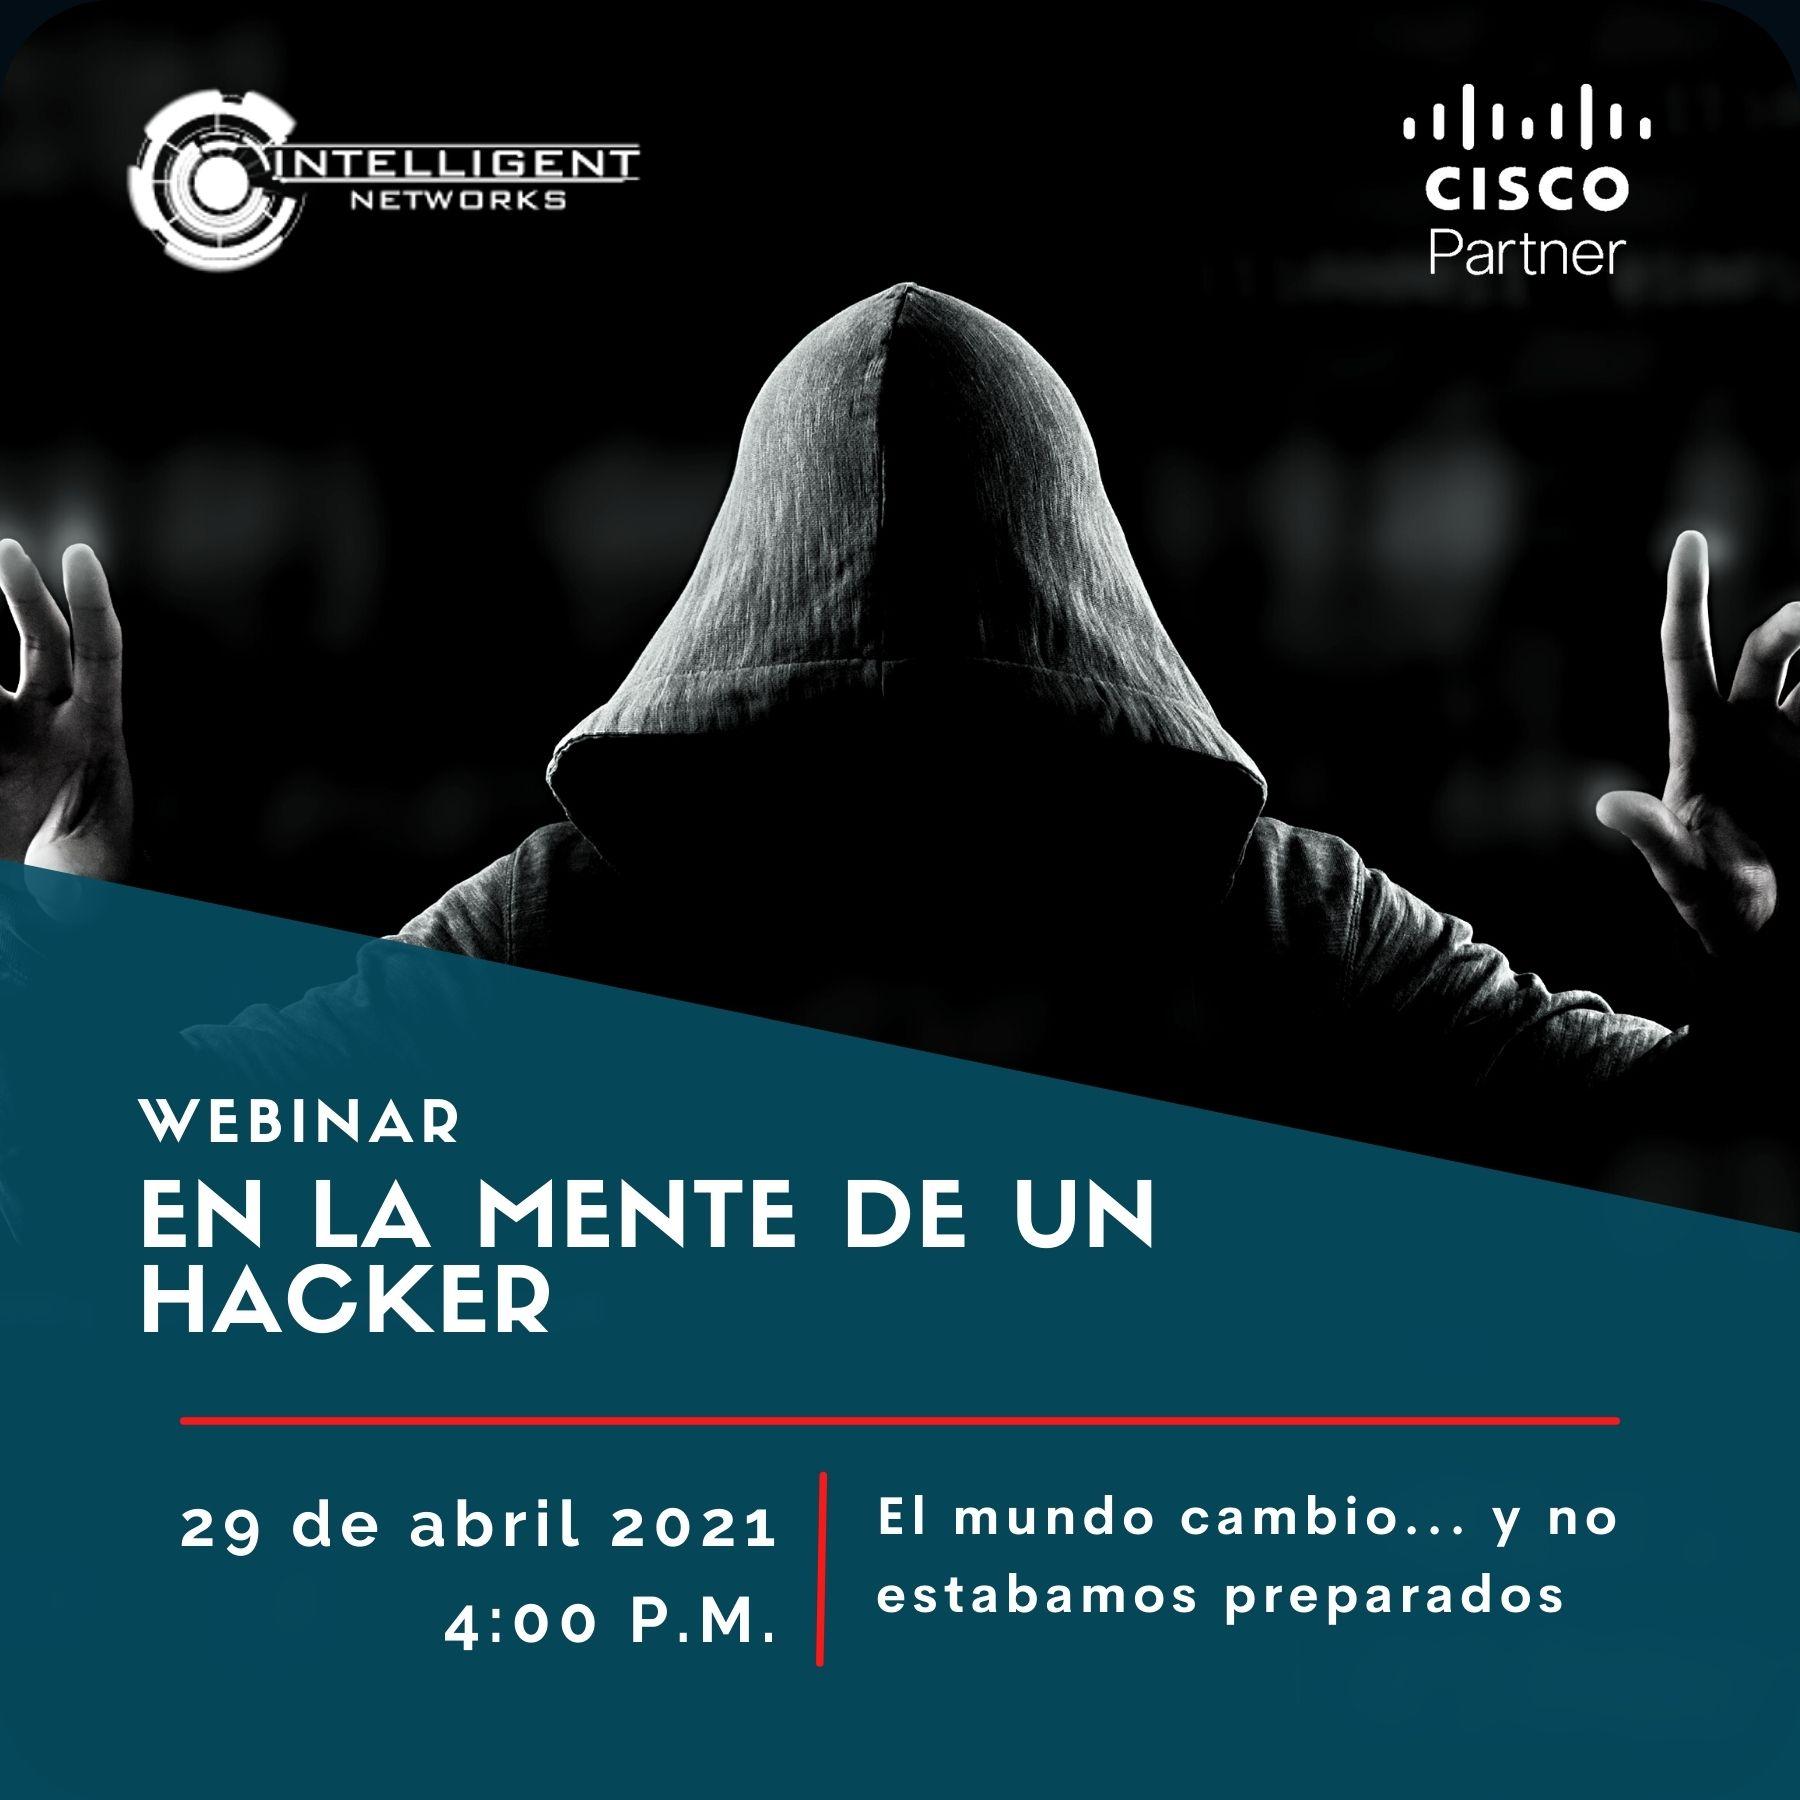 En la mente de un hacker 29 04